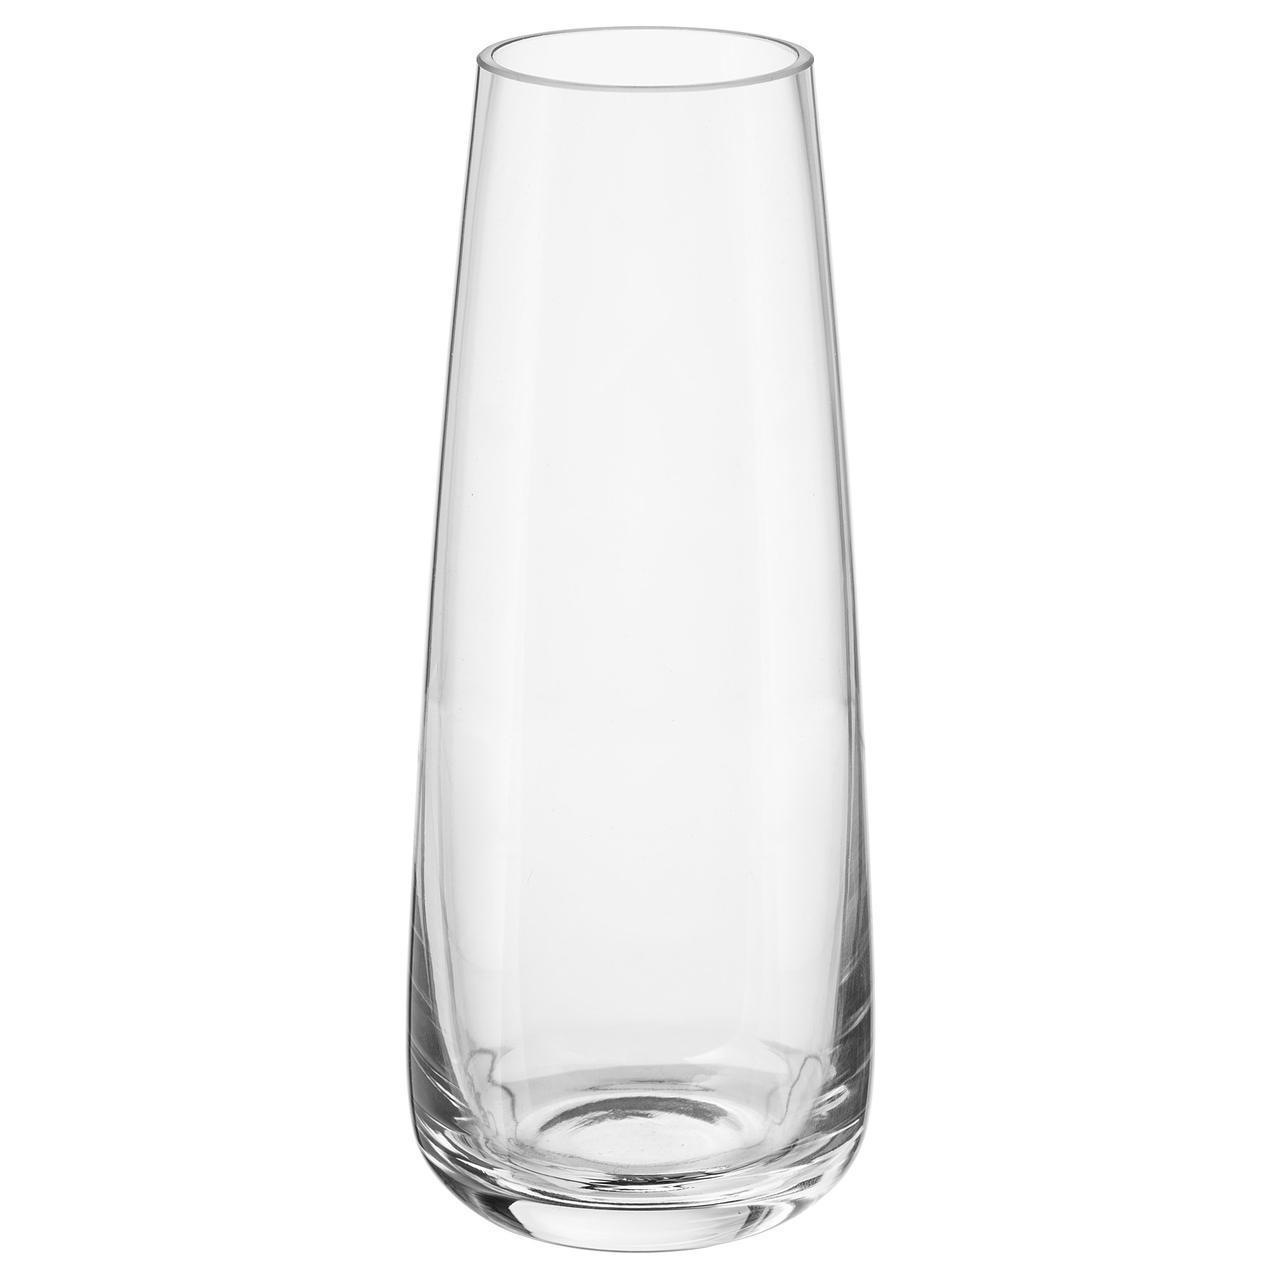 Ваза IKEA BERÄKNA 15 см прозрачное стекло 103.279.41